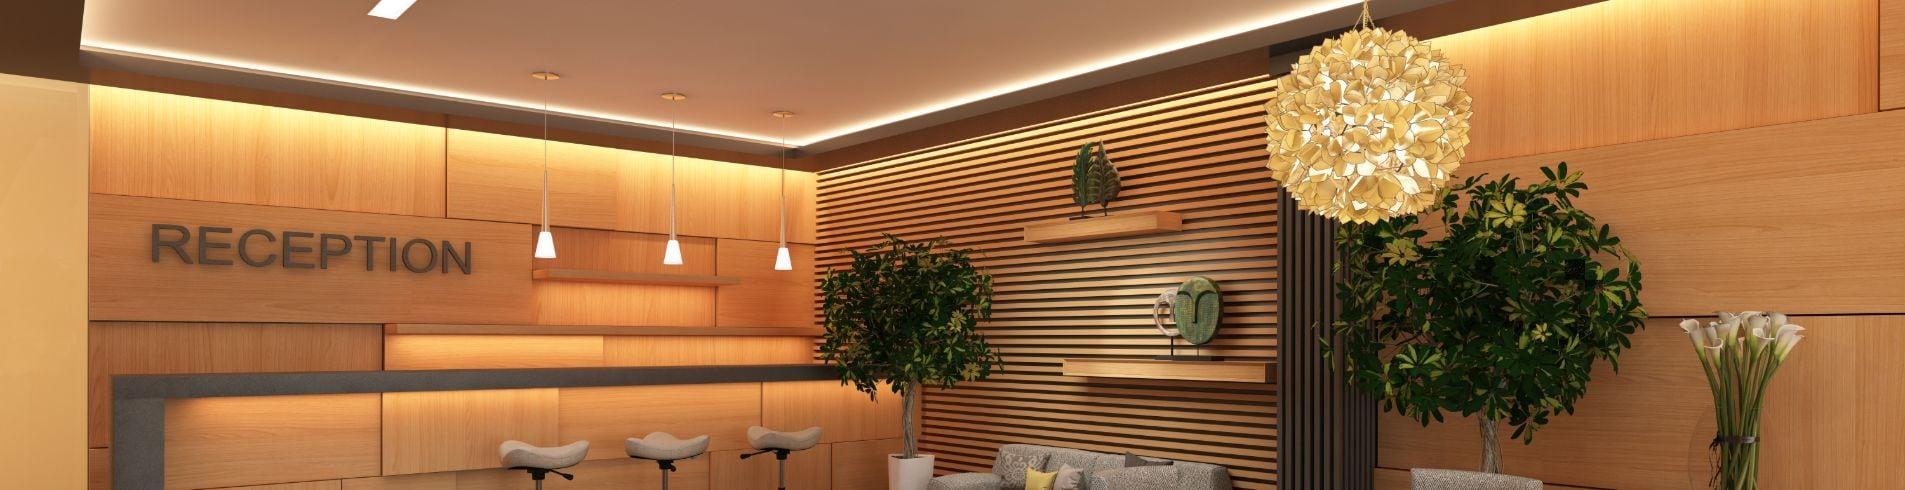 Wood Paneling & Wainscoting